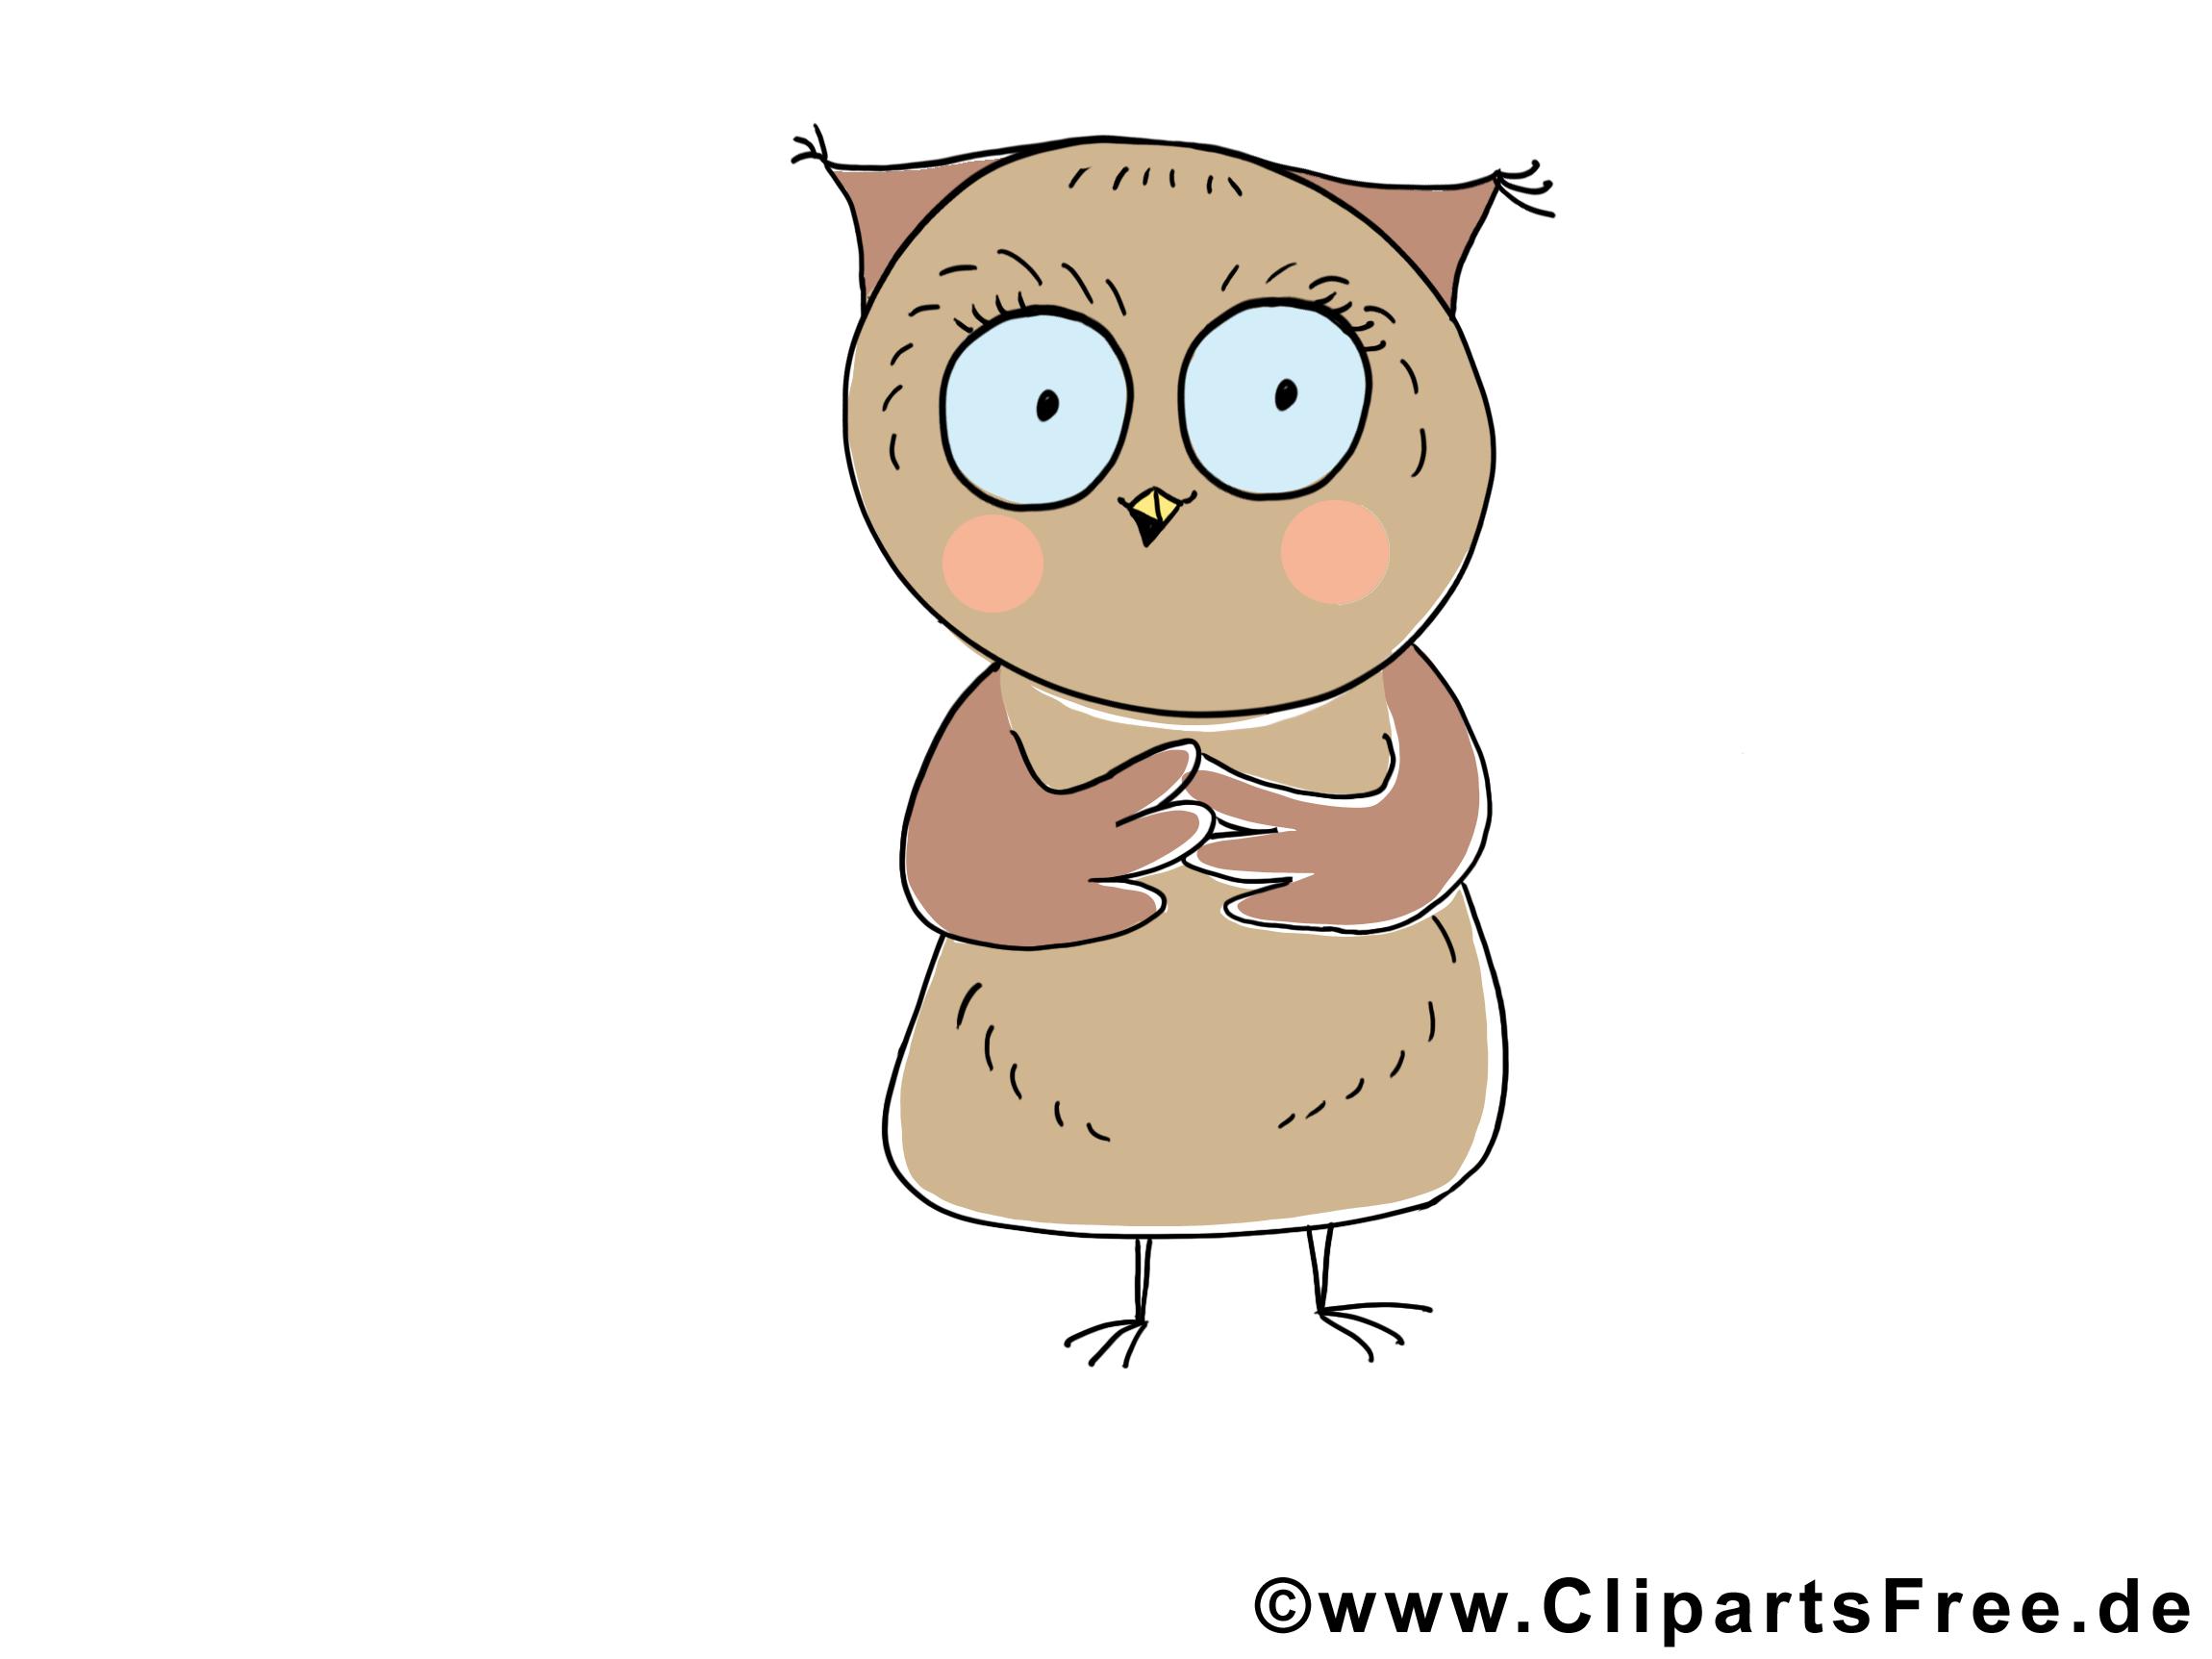 Hibou dessins gratuits – Animal clipart